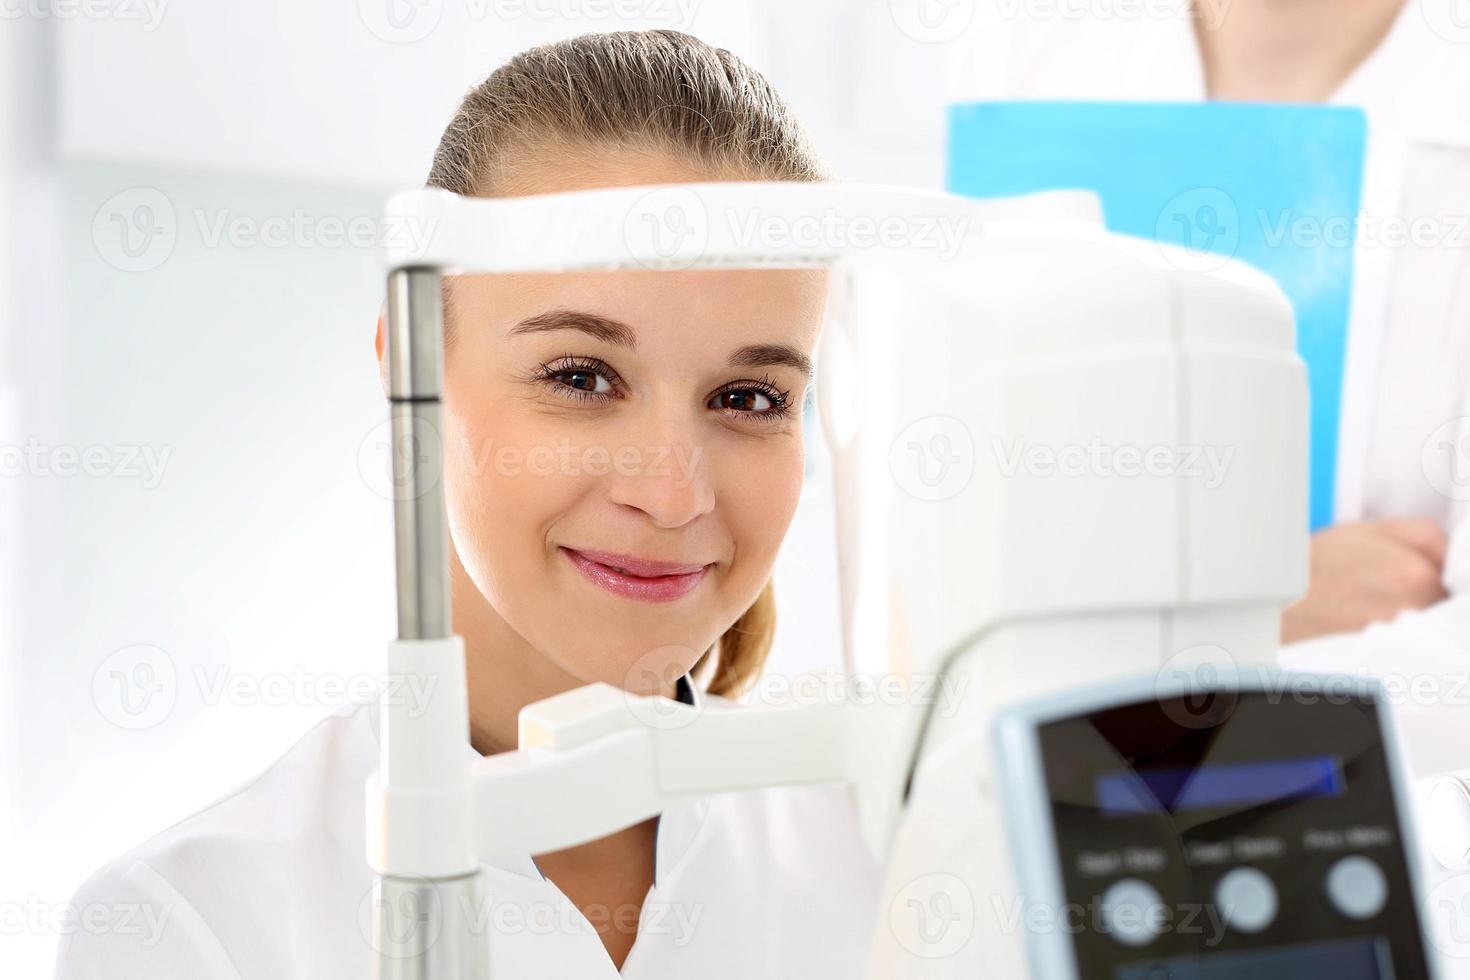 Frau in Augenarzt. foto